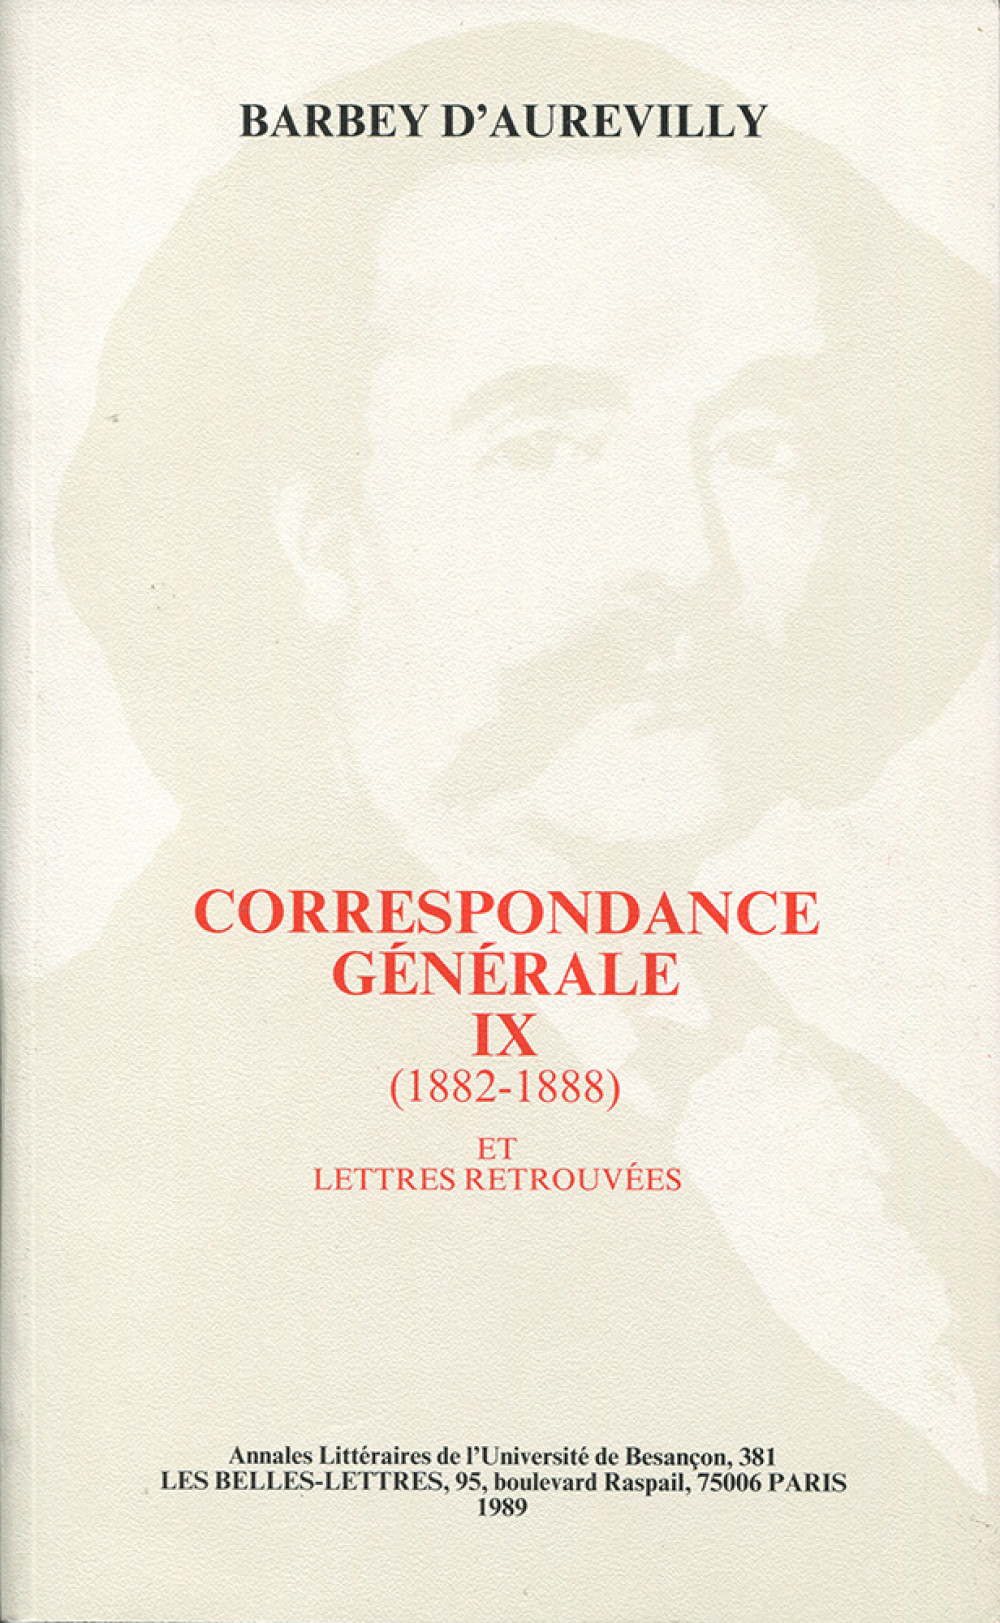 Barbey d'Aurevilly : Correspondance générale IX (1882 - 1888) et Lettres retrouvées